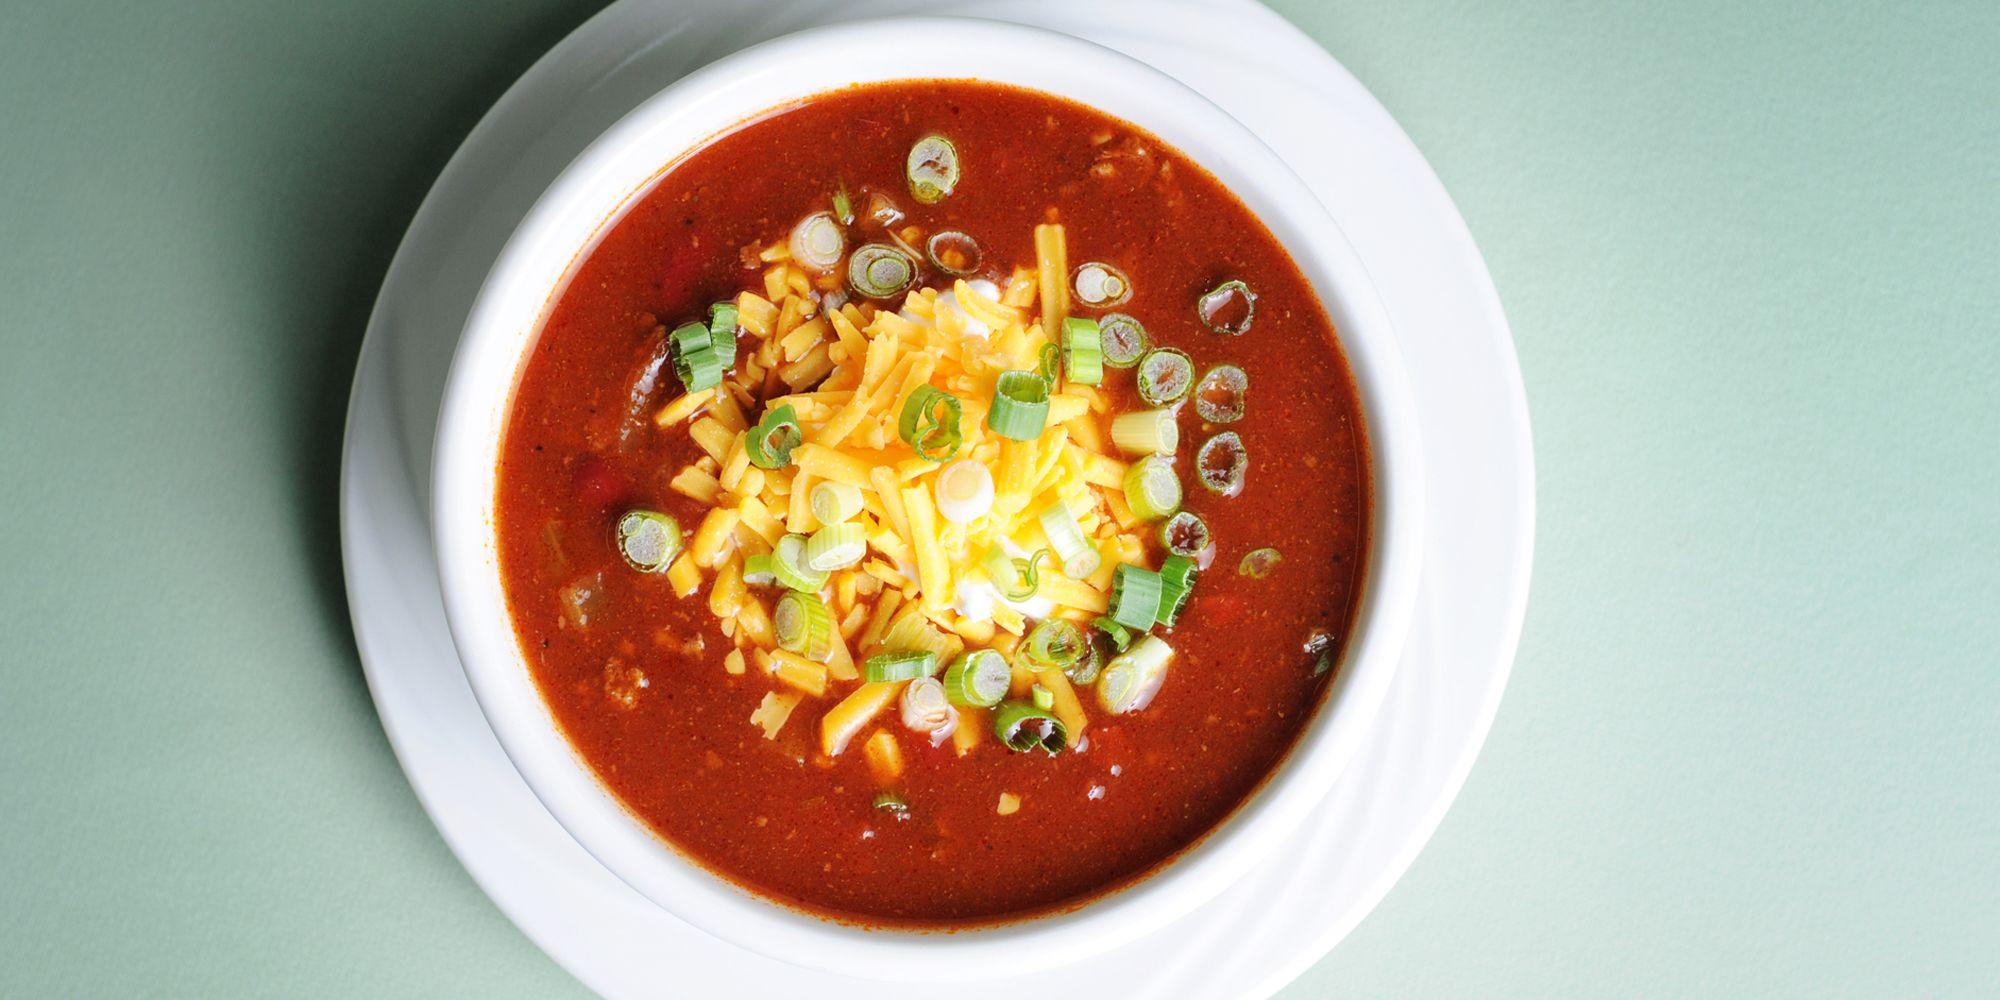 Best Chili Recipe Award Winning Texas Red Chile